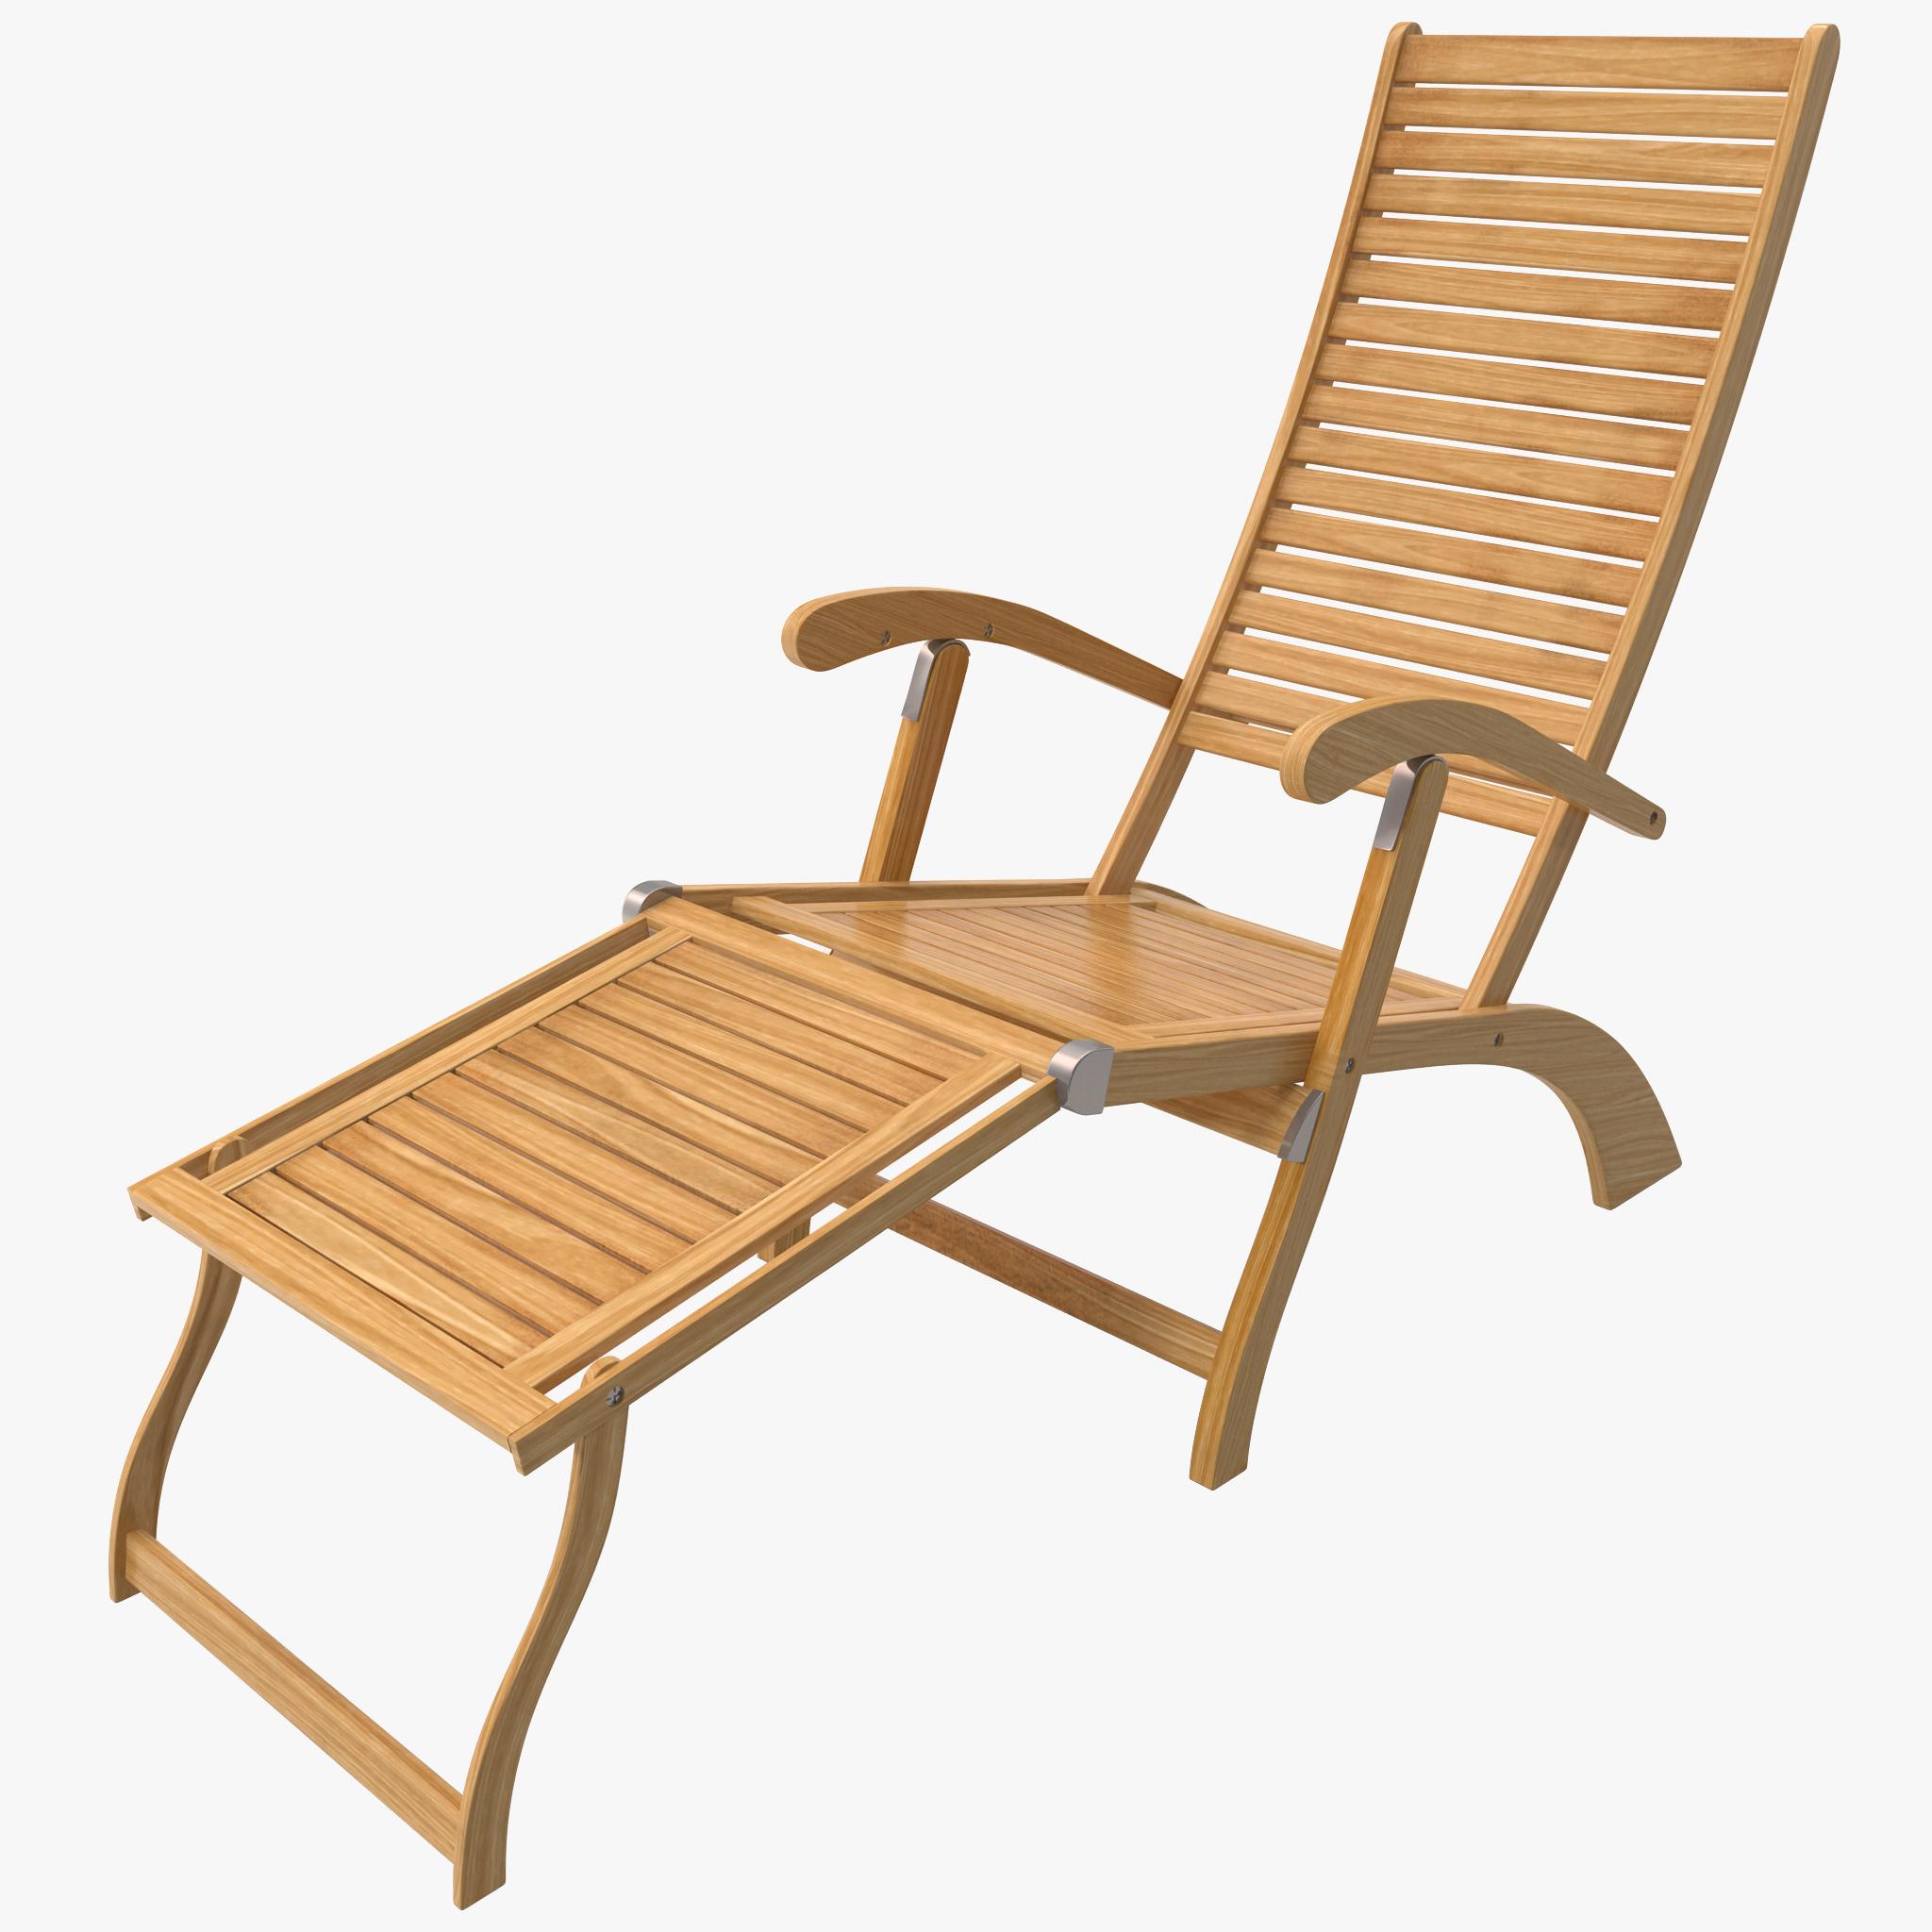 chaise lounge beach chair 3d c4d